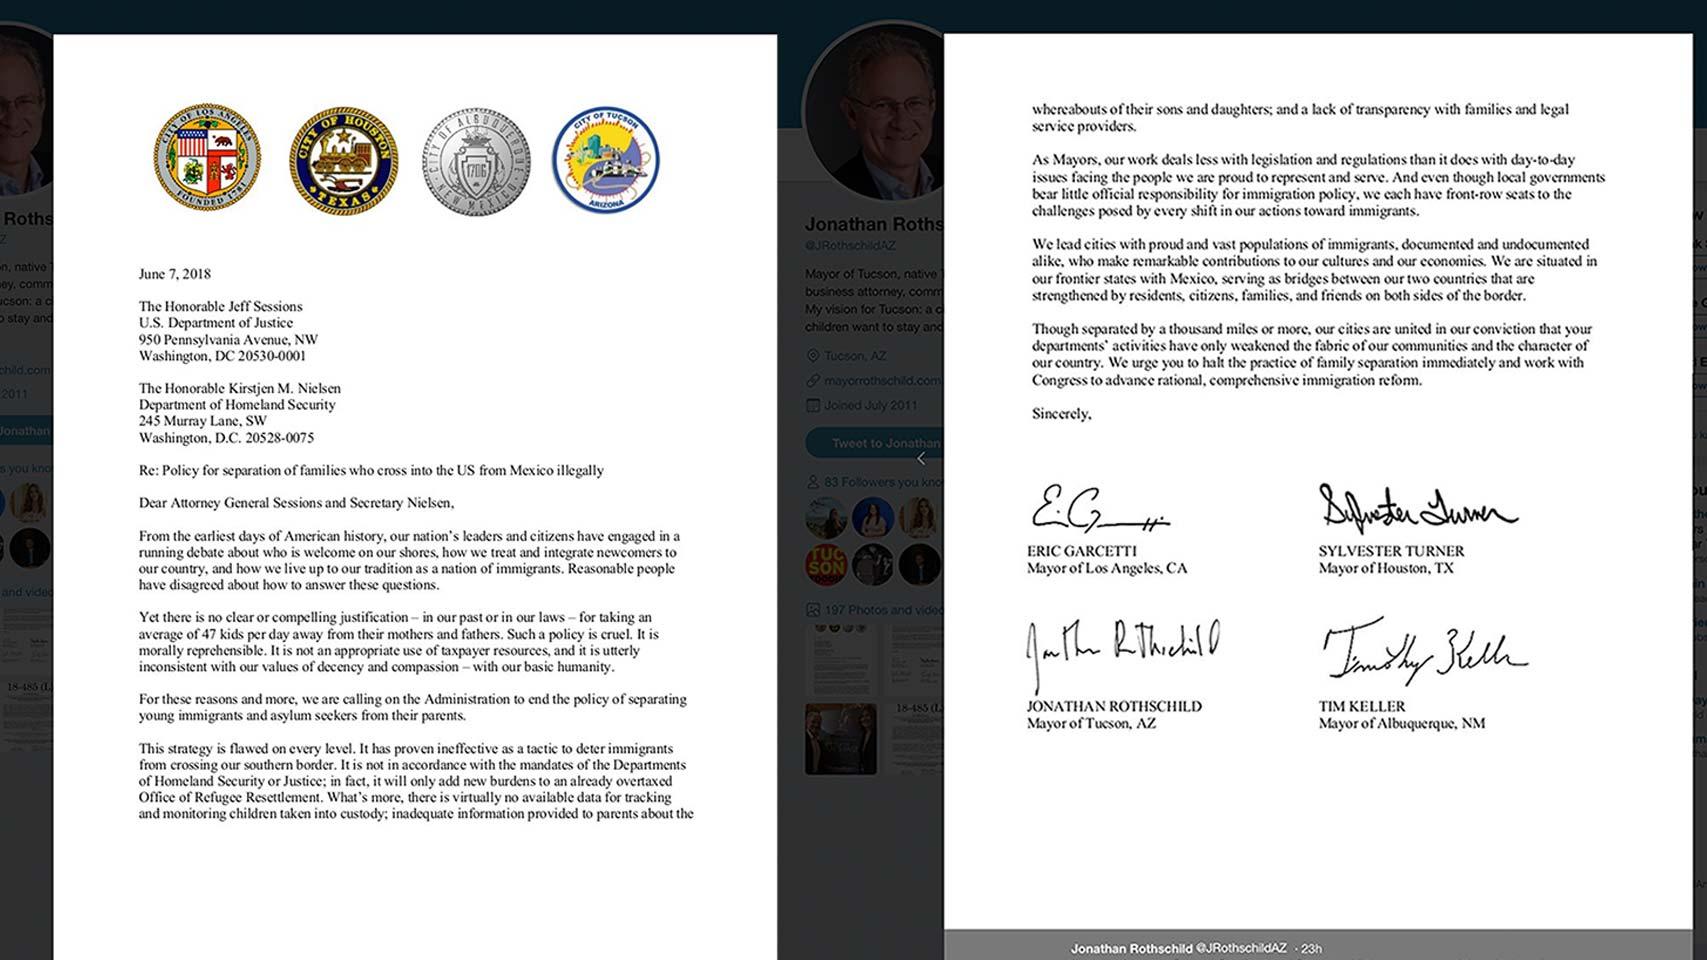 Mayor_Letter_Twitter